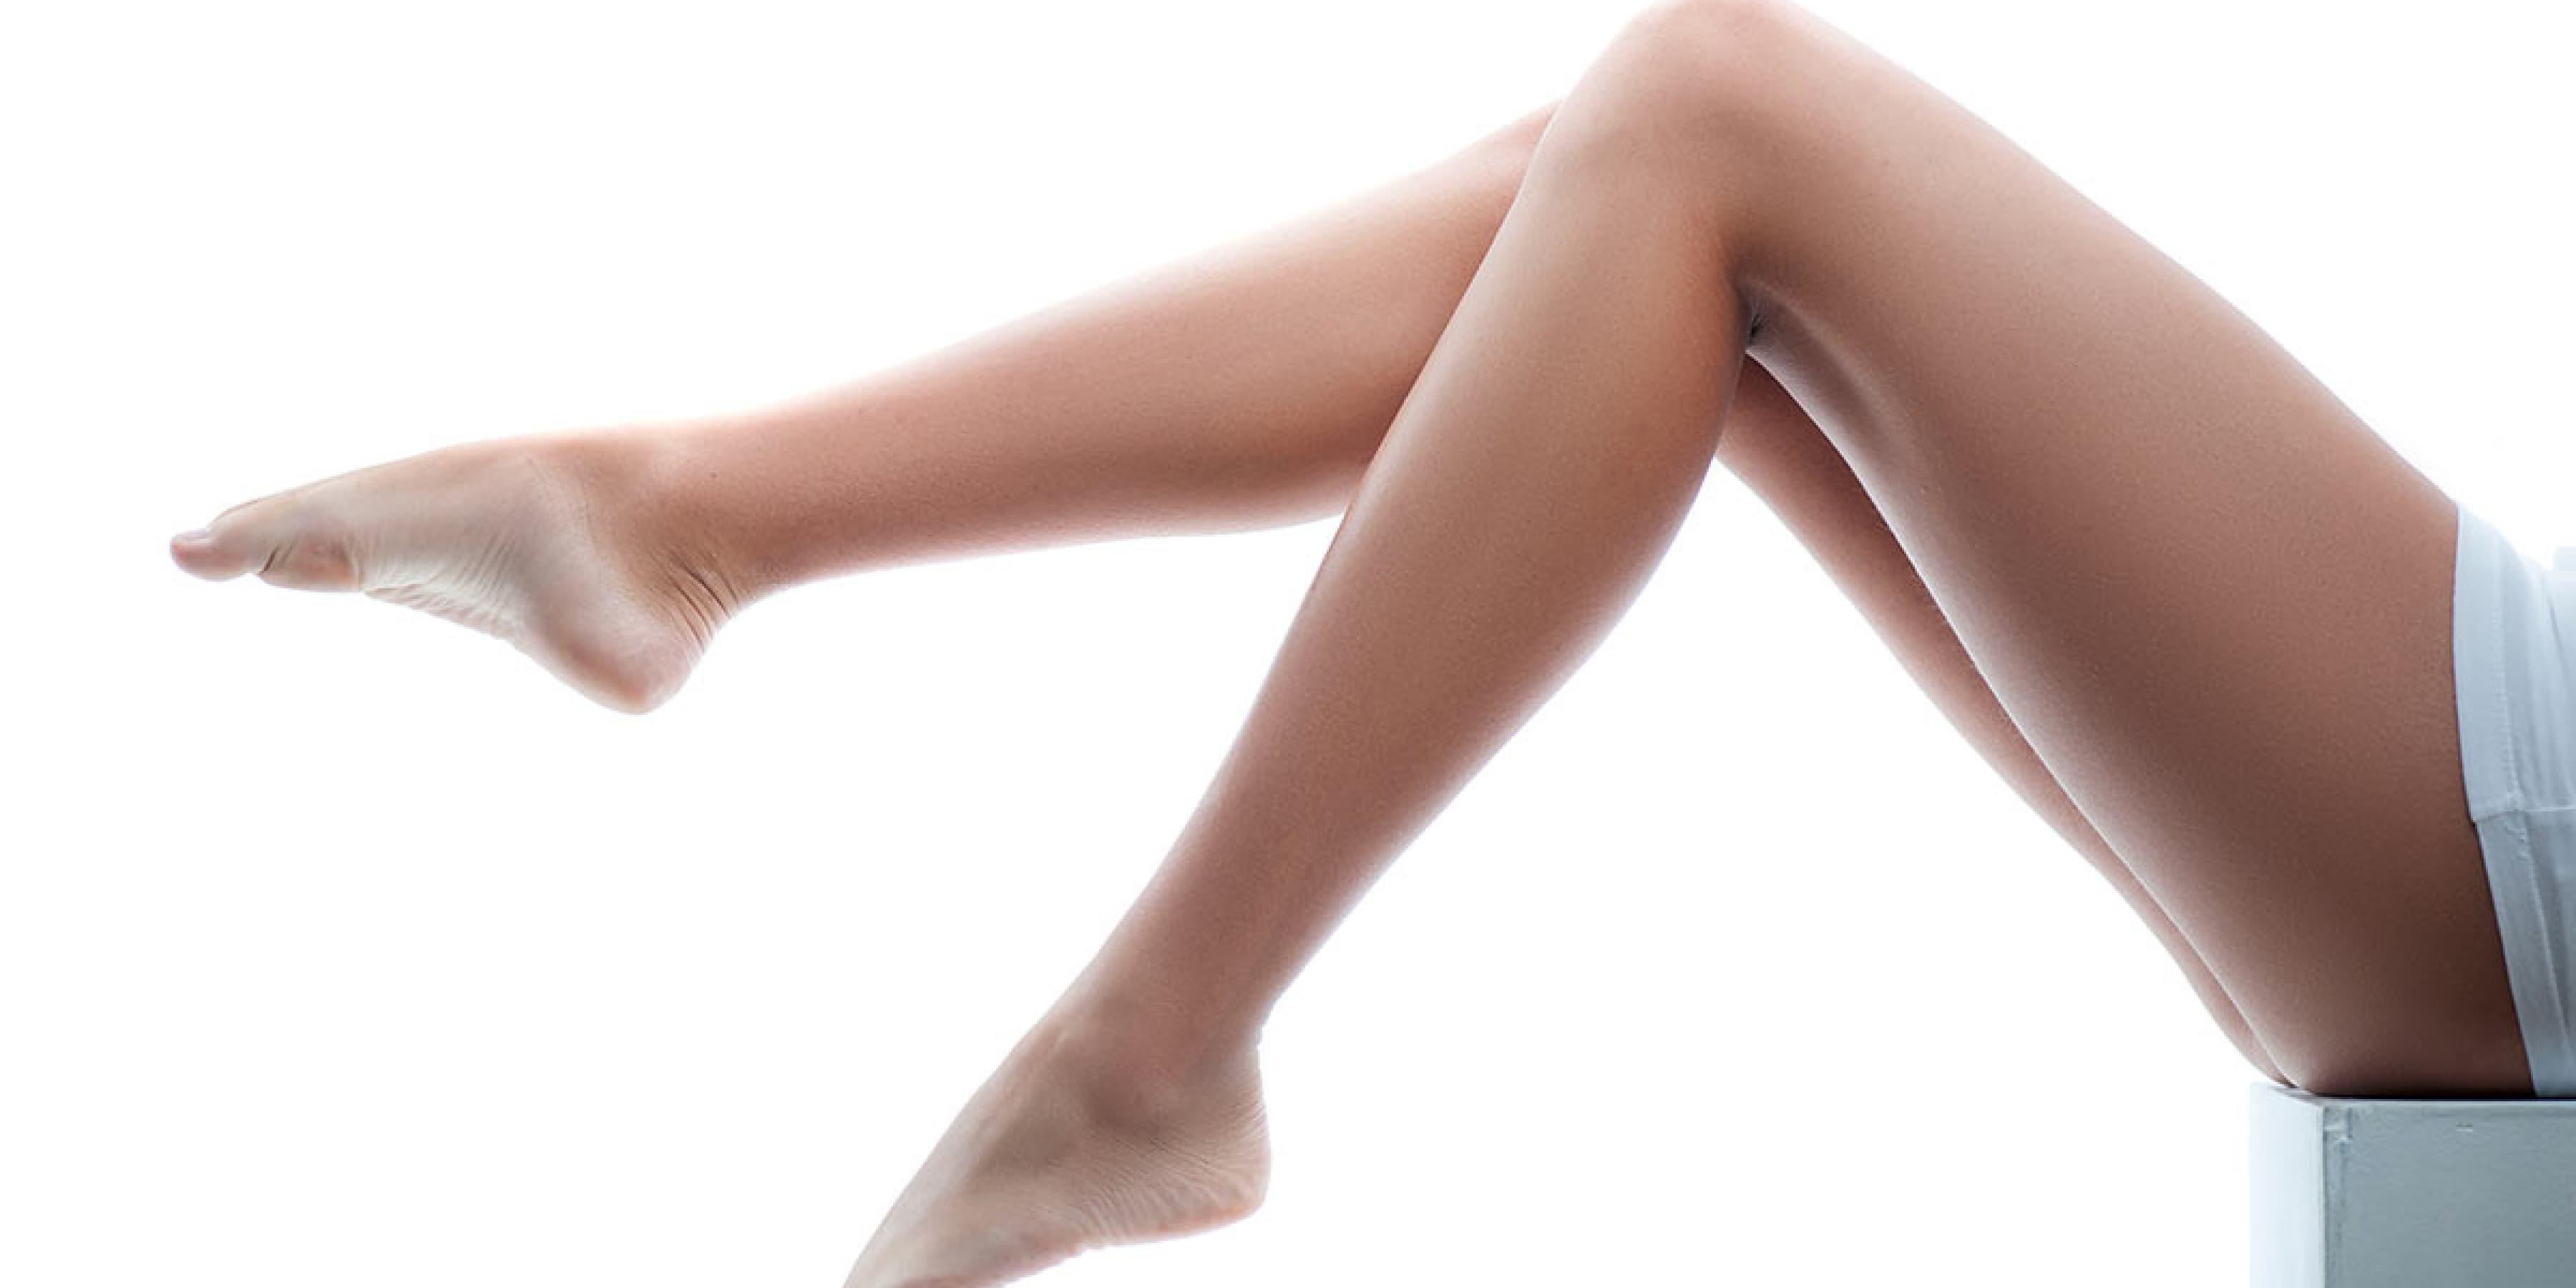 Лазерное лечение целлюлита